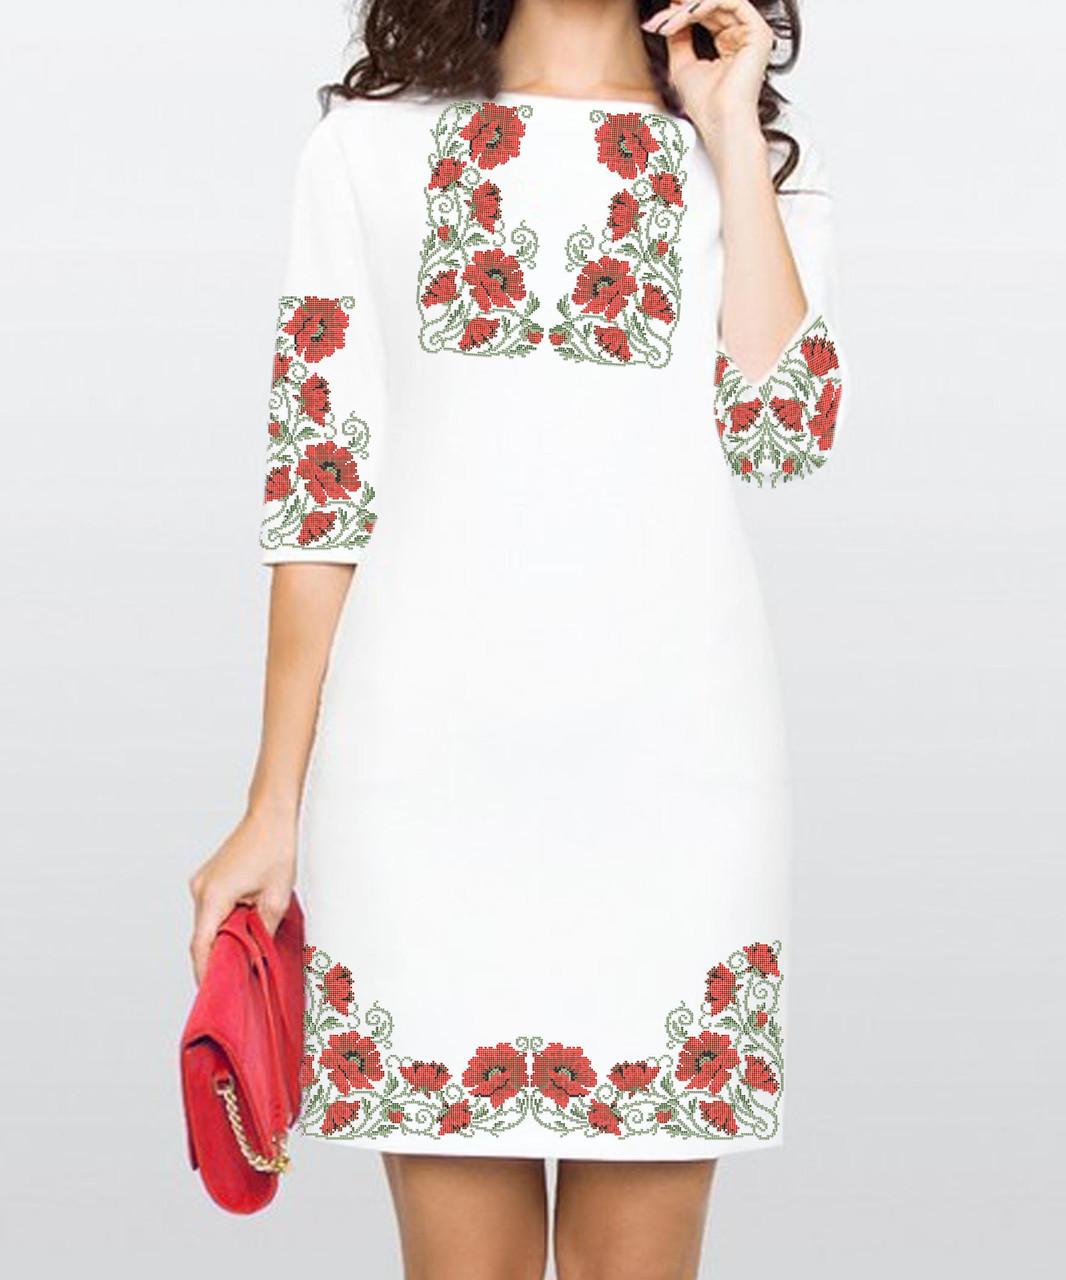 Заготовка жіночого плаття чи сукні для вишивки та вишивання бісером Бисерок  «Маки в орнаменті 27» (П-27 )